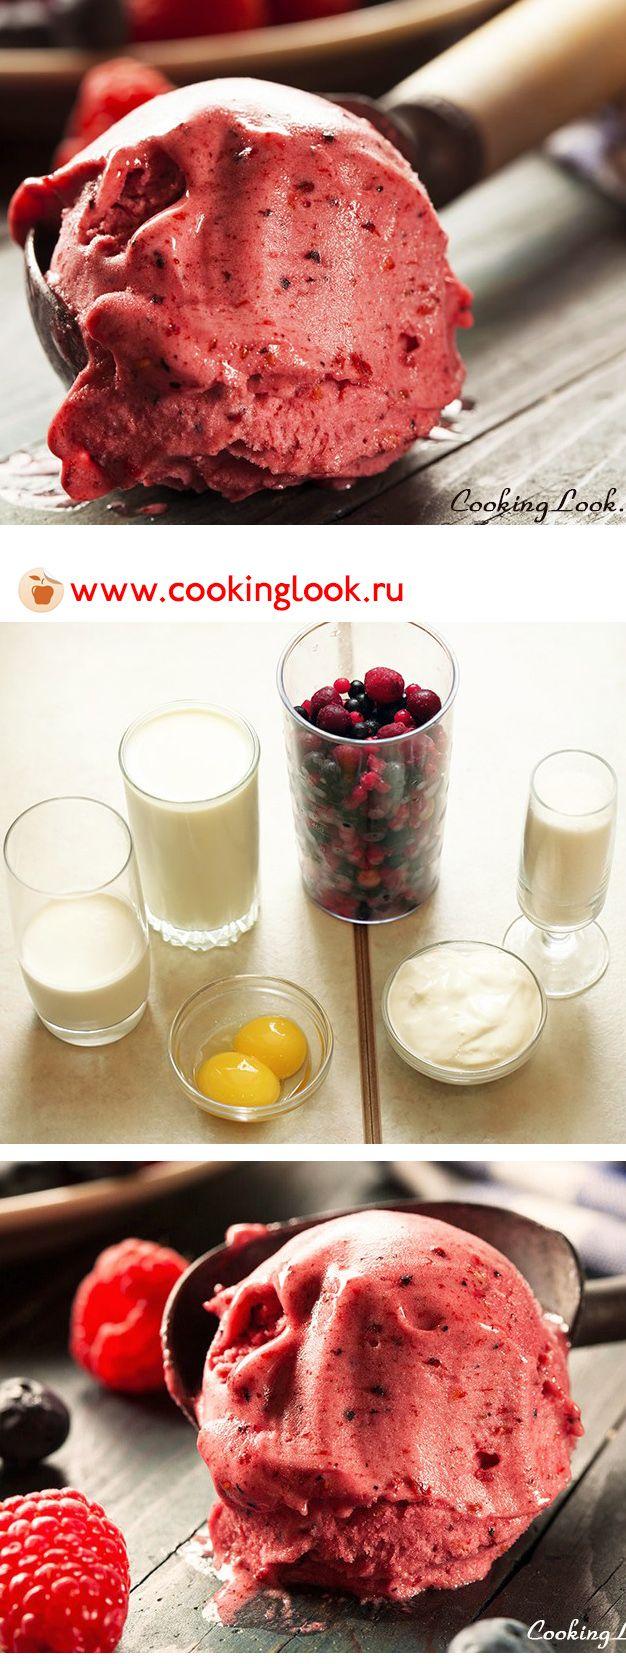 Мороженое с ягодами в домашних условиях рецепт 683